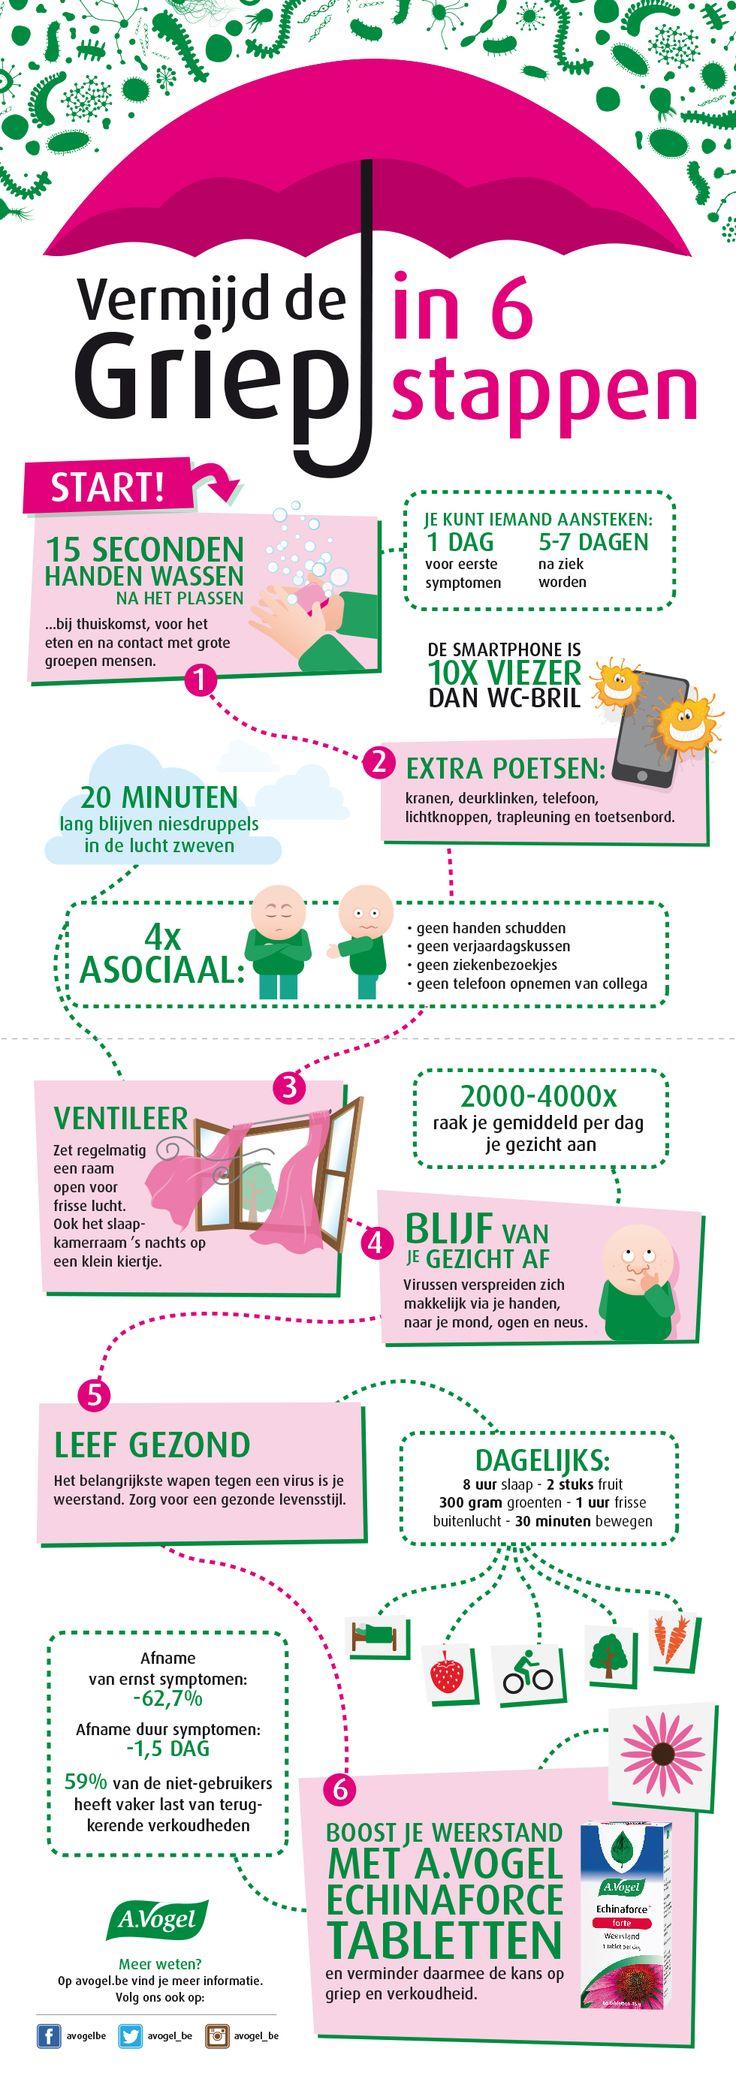 Vermijd de griep in 6 stappen.  http://www.avogel.be/nl/indicaties/Vermijd-de-griep-in-6-stappen.php